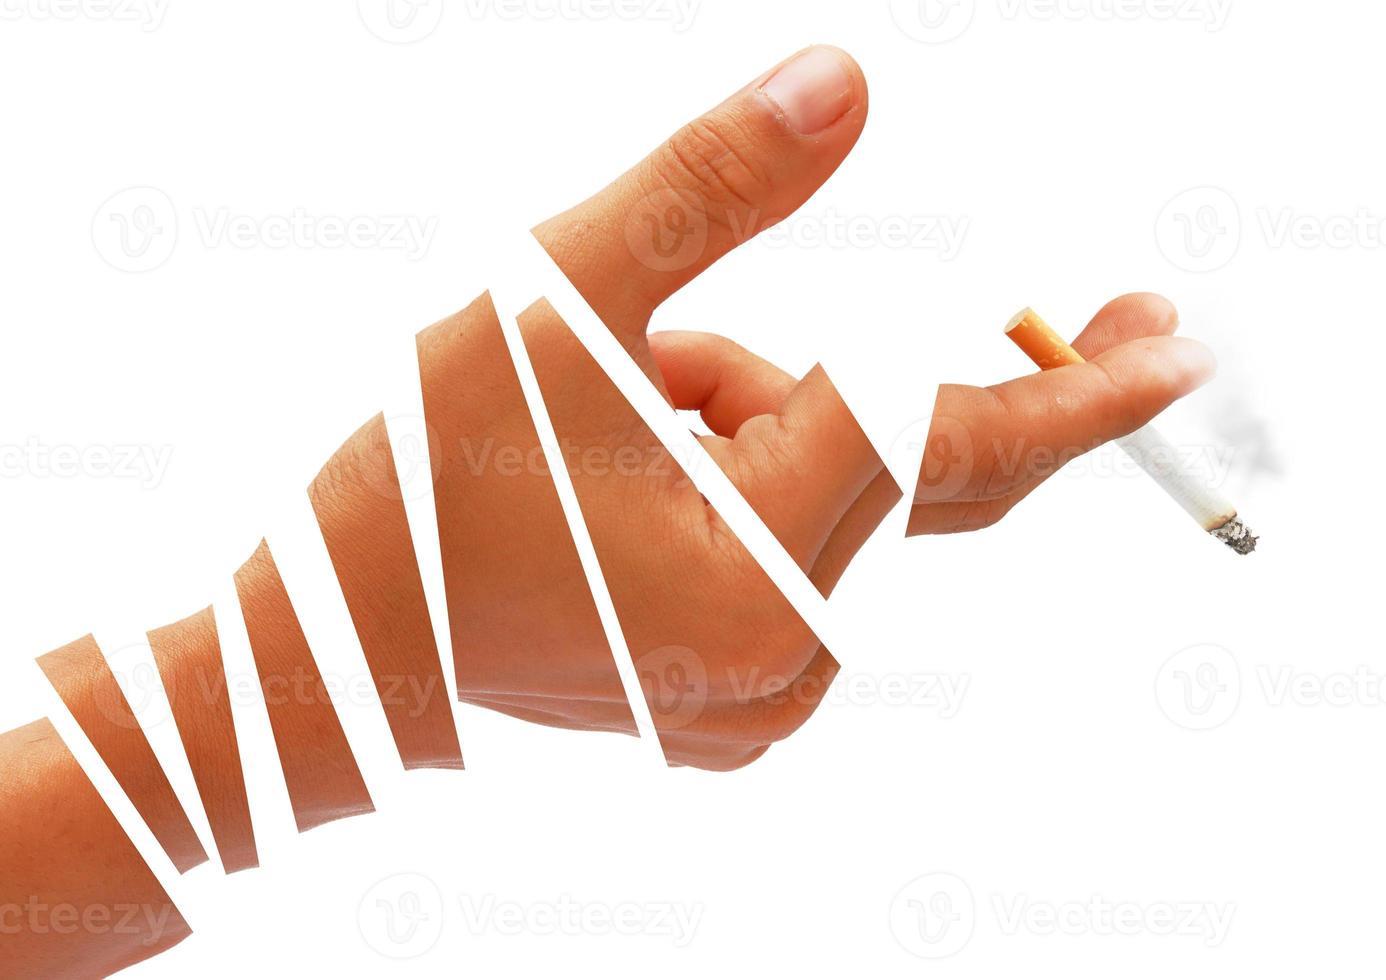 cette image montre signe non fumeur arrêter de fumer. photo